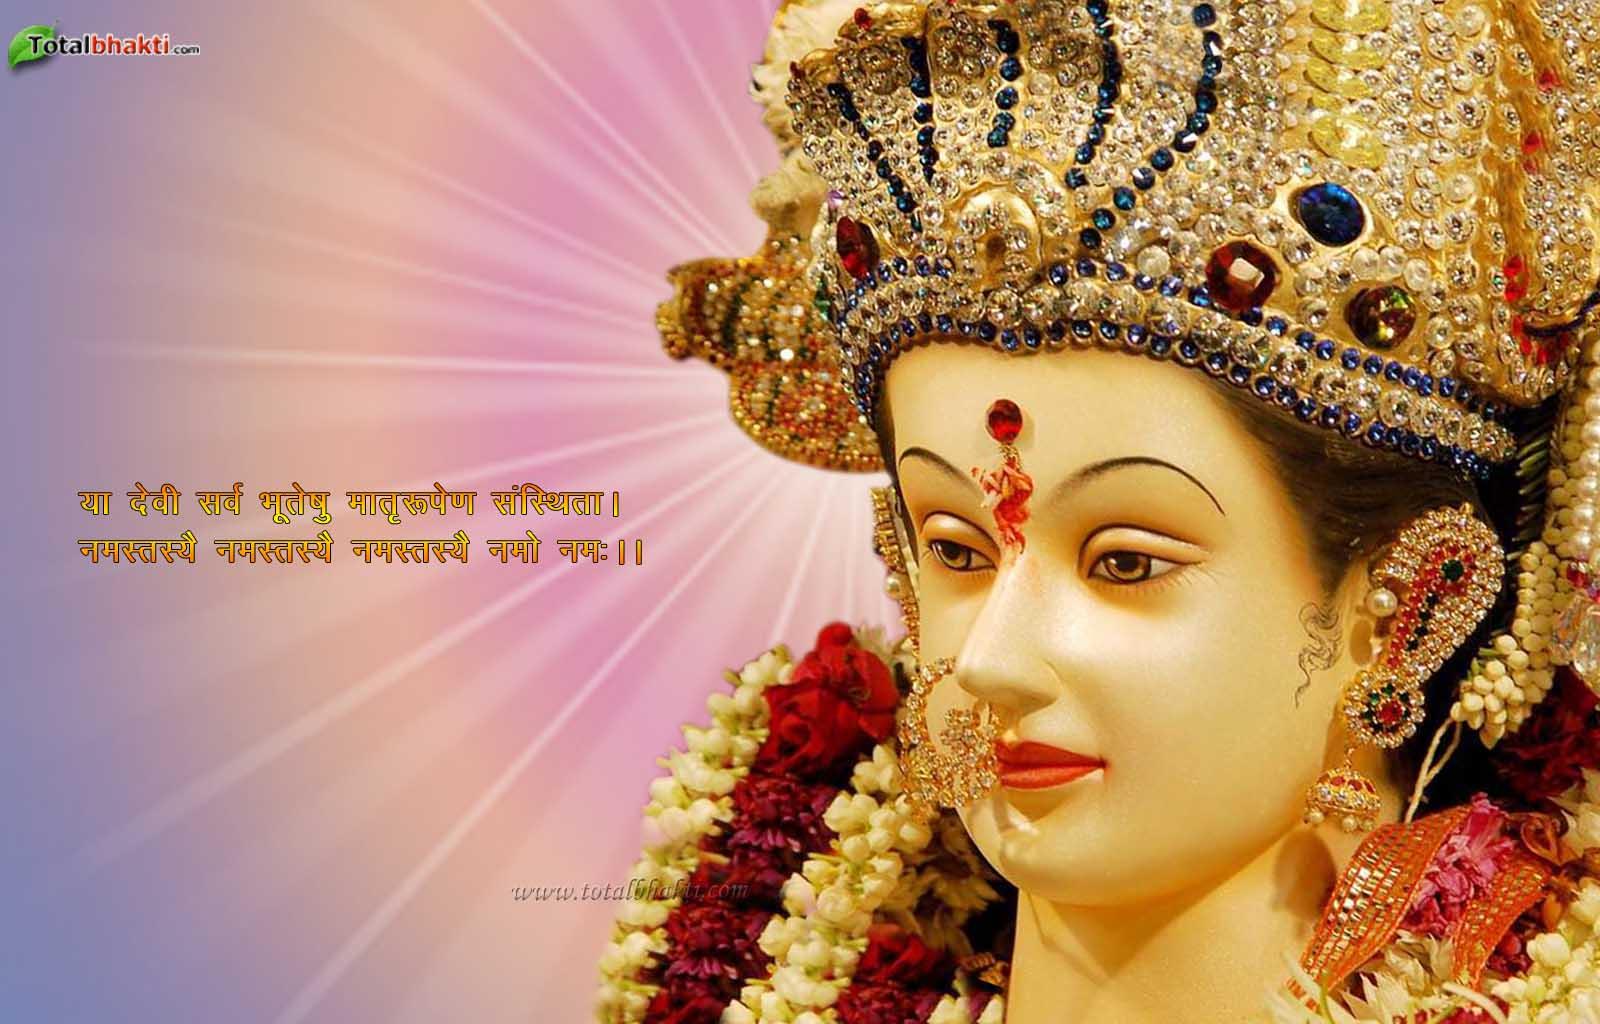 http://4.bp.blogspot.com/-zmNg48wwAlA/T6aa-lyPZ_I/AAAAAAAABuk/F83gZubtkbE/s1600/Durga-Navratri-5853.jpg